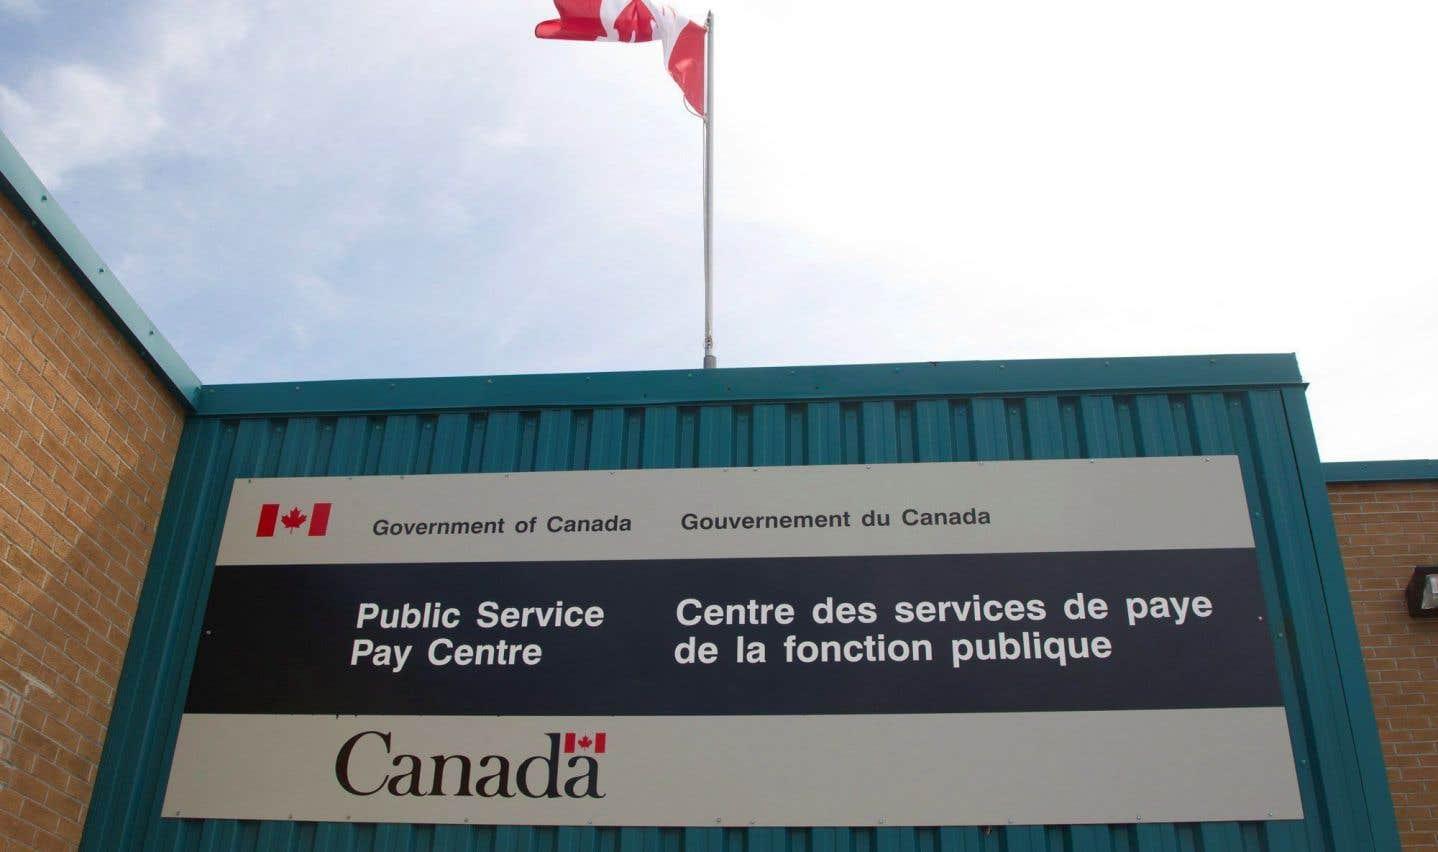 Ottawa manque de ressources pour régler les problèmes du système de paye Phénix, croit l'AFPC